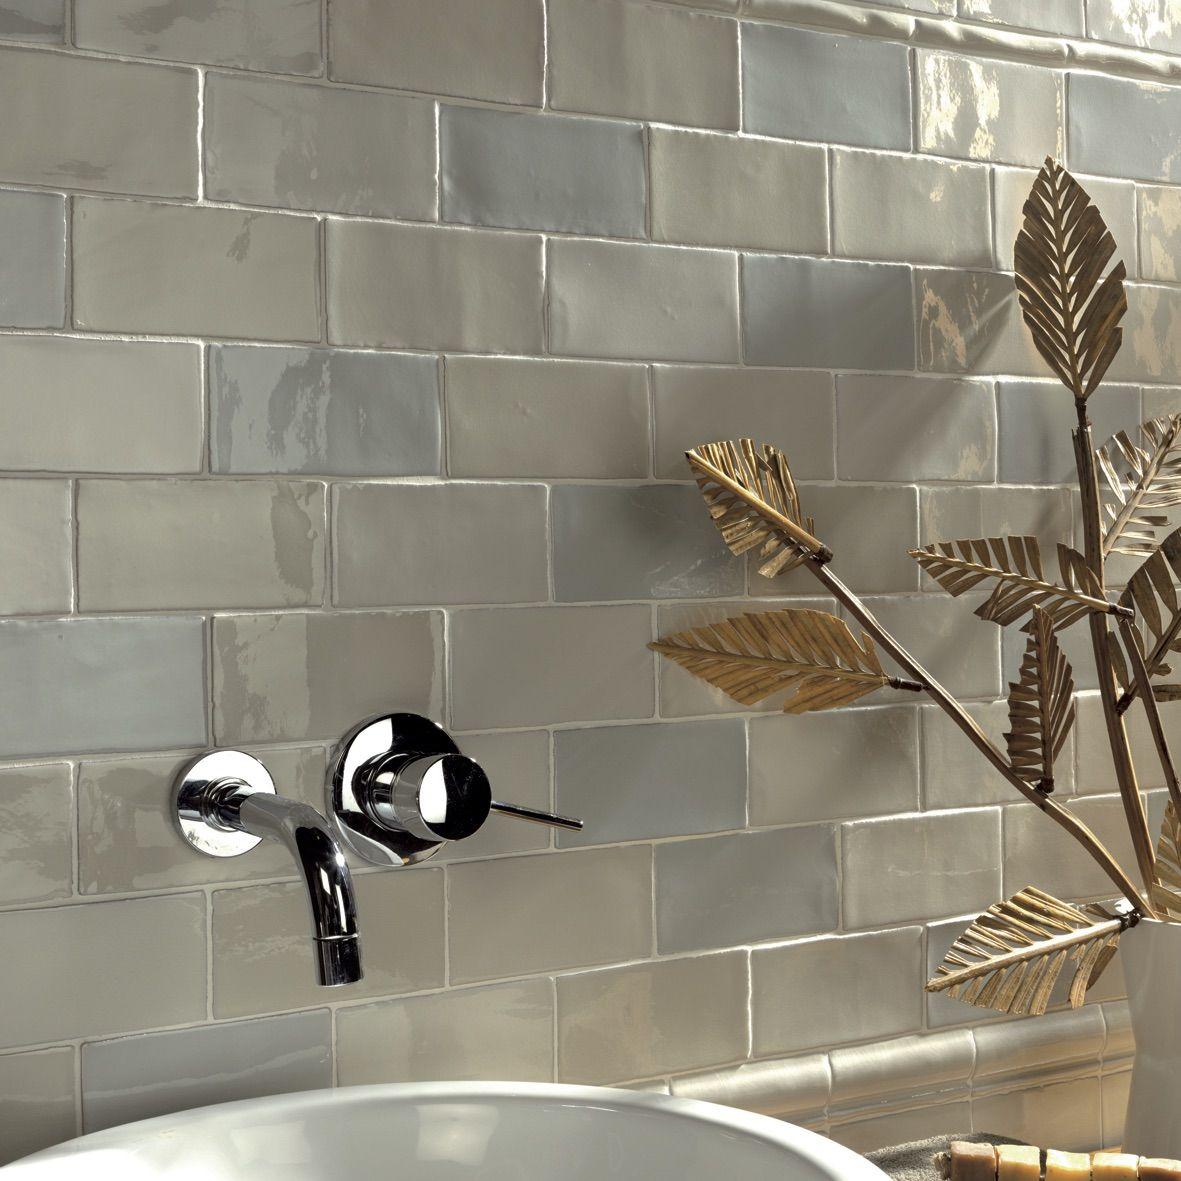 Transformez votre salle de bain en espace zen choisissez une fa ence claire dans des teintes - Faience salle de bain zen ...